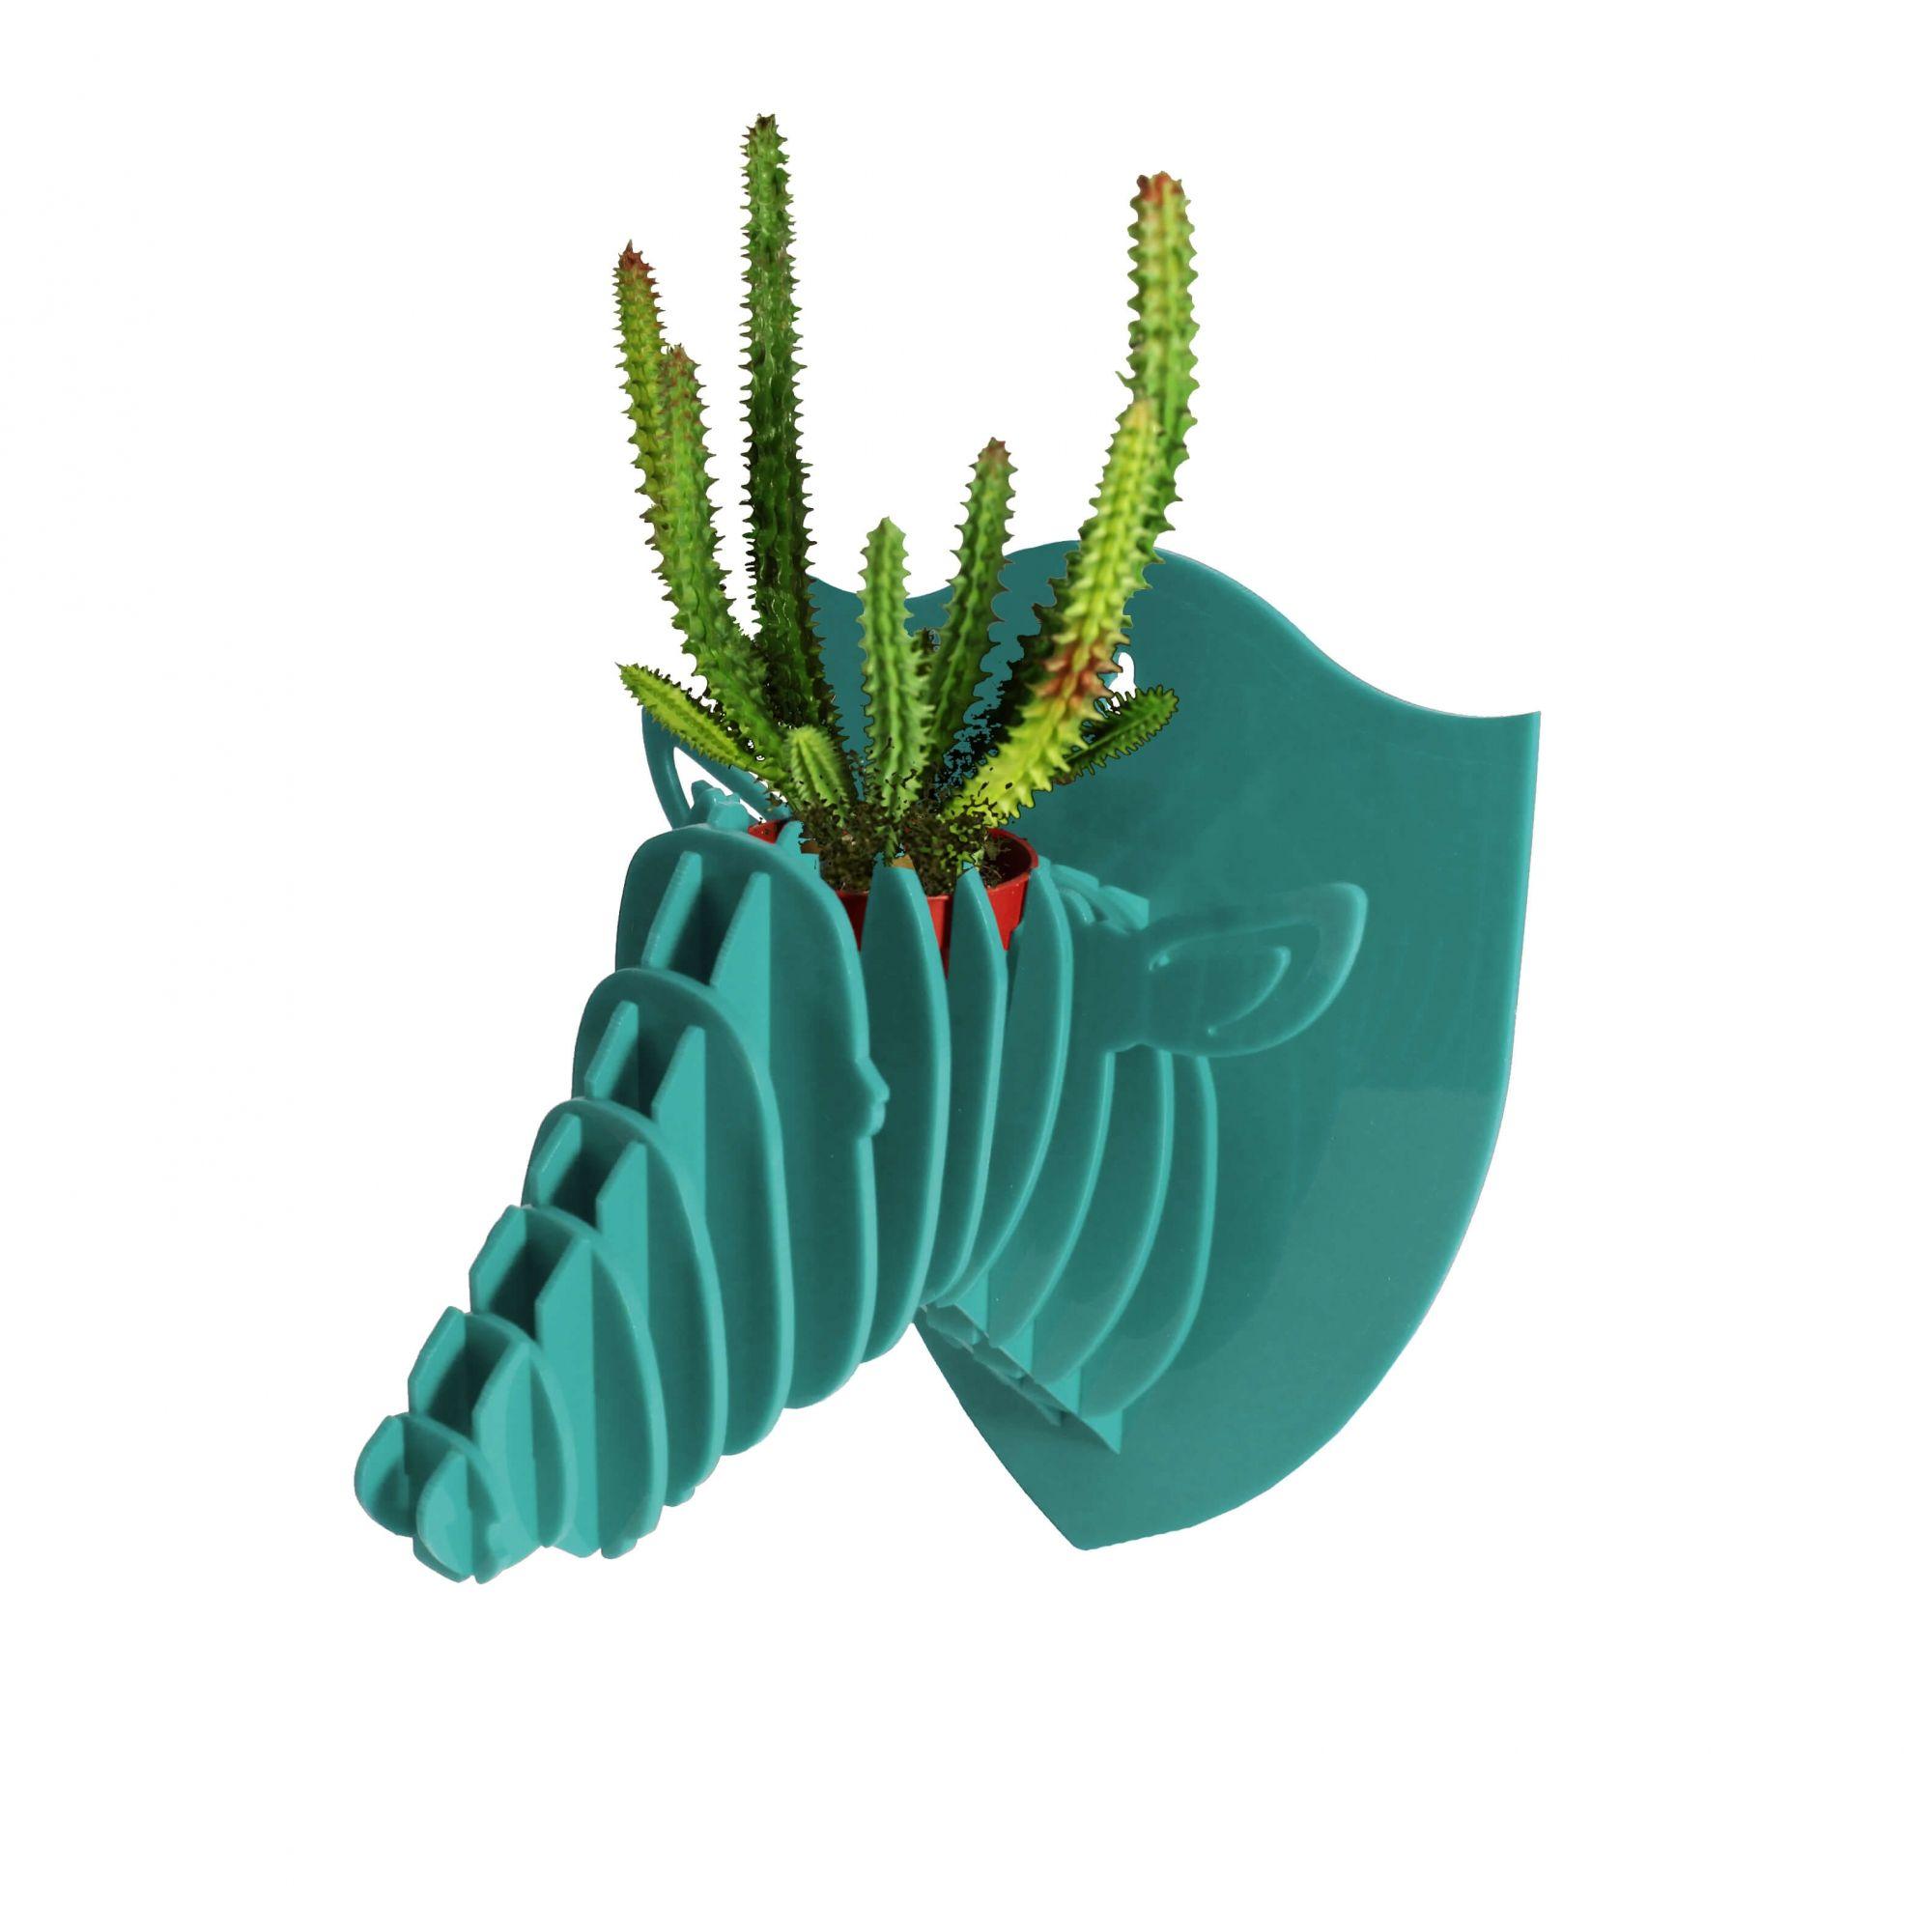 Cabeça para montar em acrilico verde água - Ônix